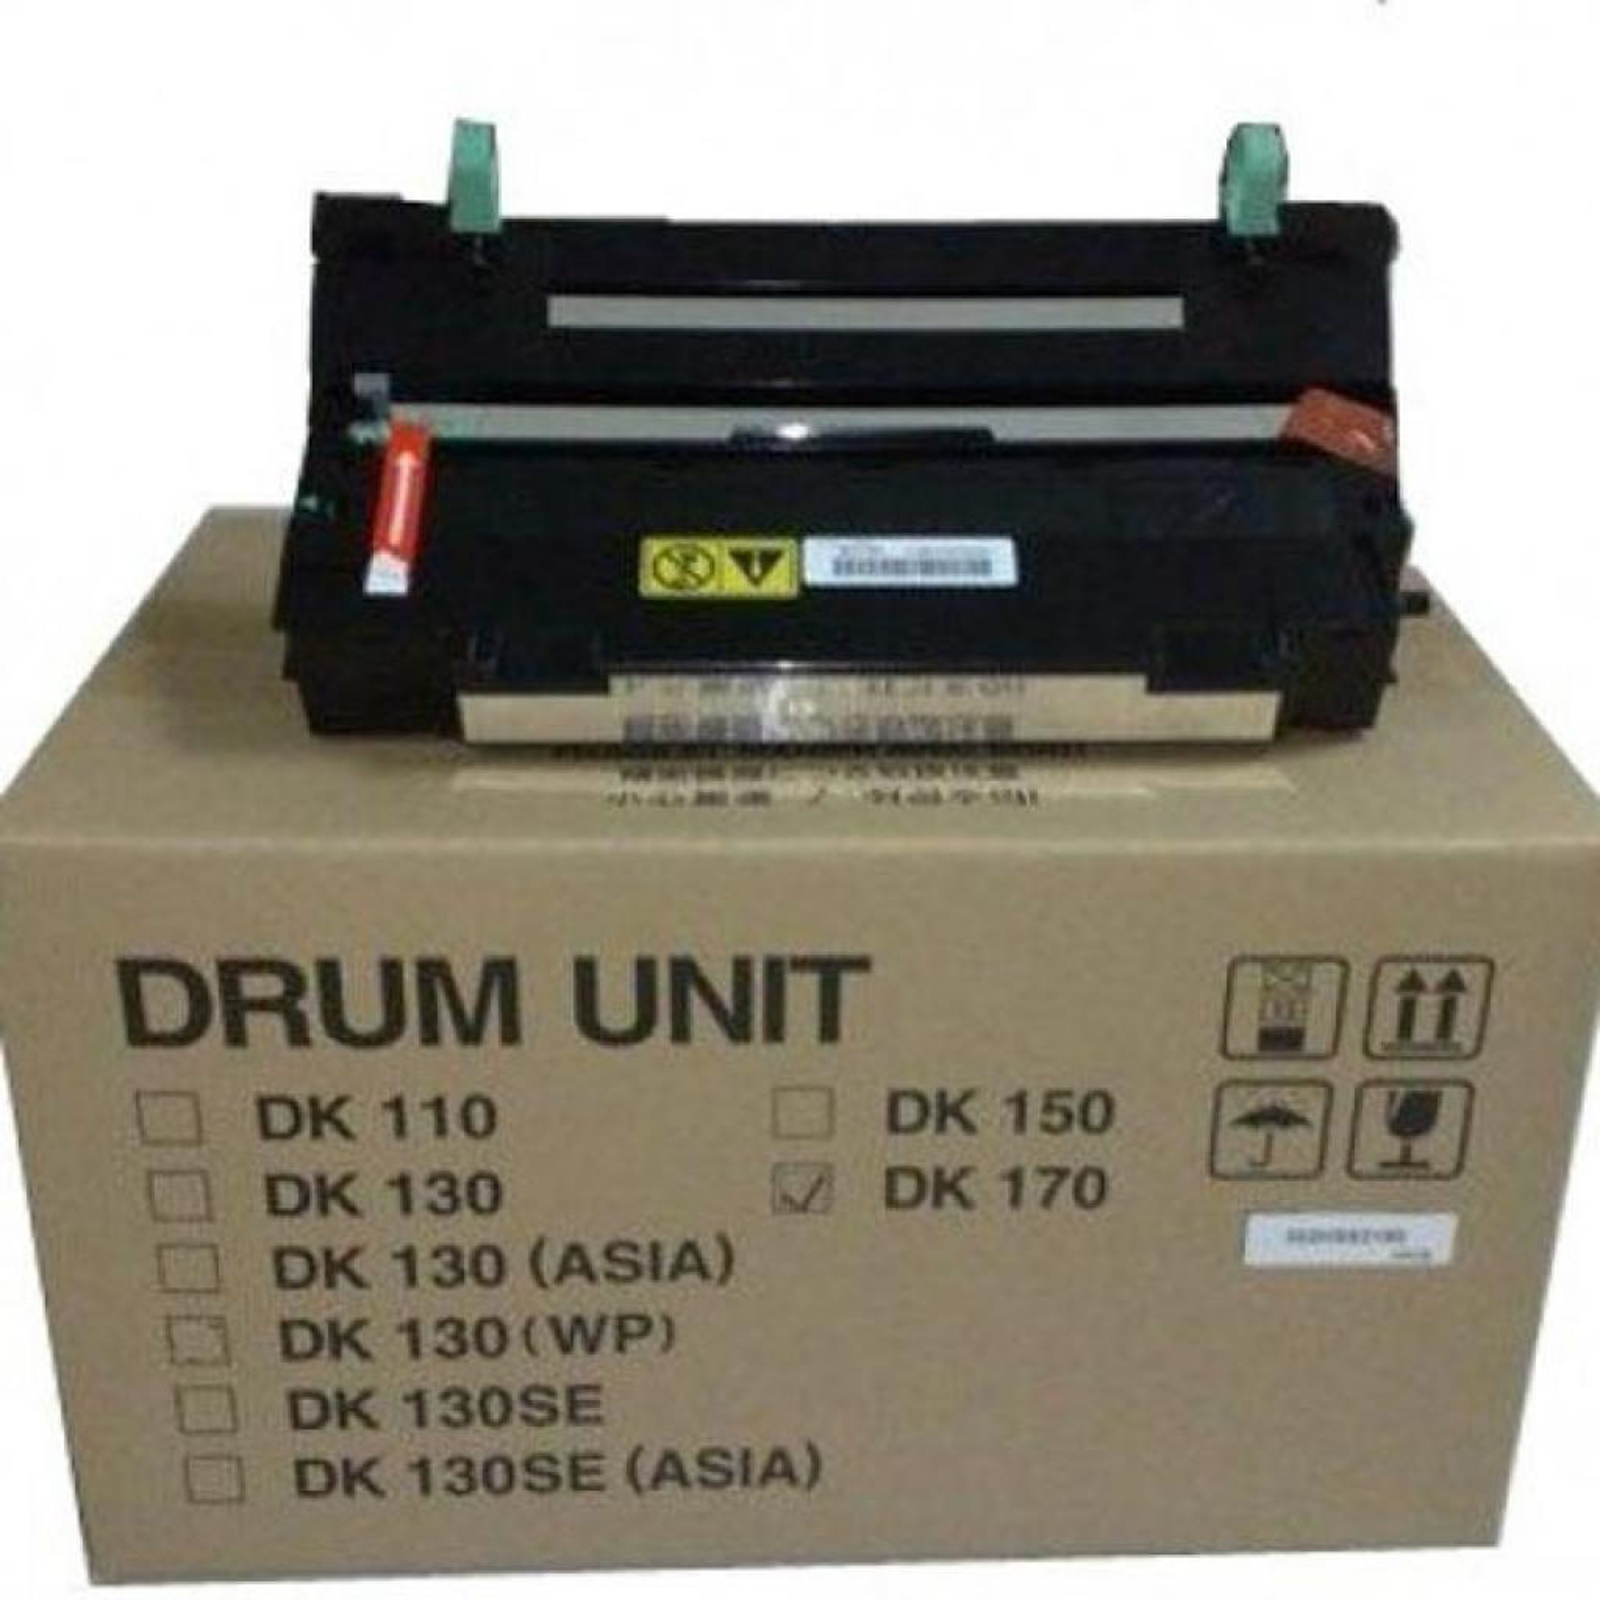 Фотобарабан Kyocera DK-170 Drum (302LZ93061) изображение 2